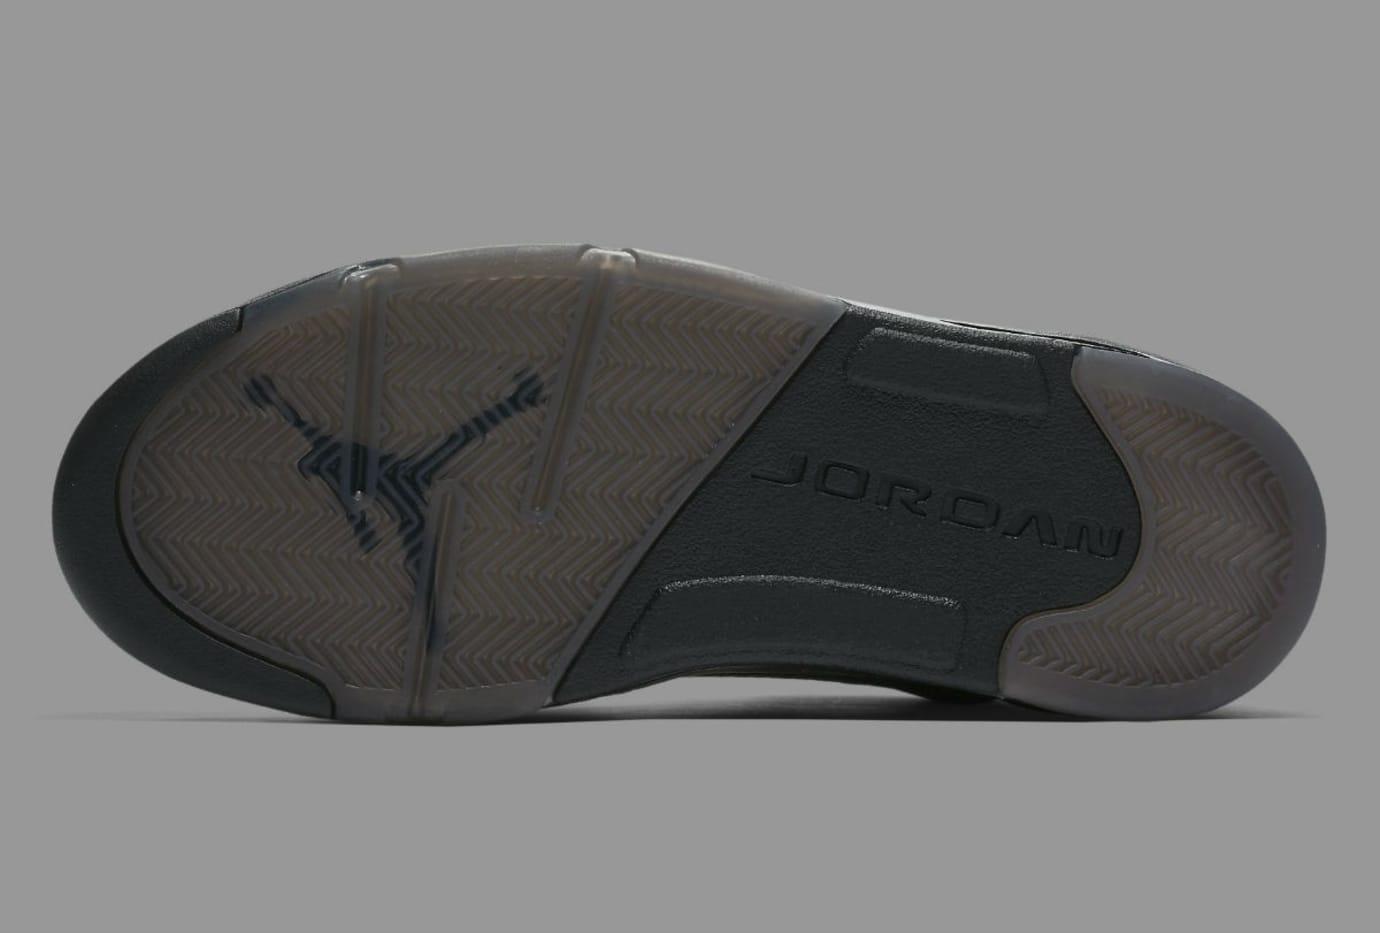 b80ed1912e64 Air Jordan 5 Premium Black Release Date Sole 881432-010